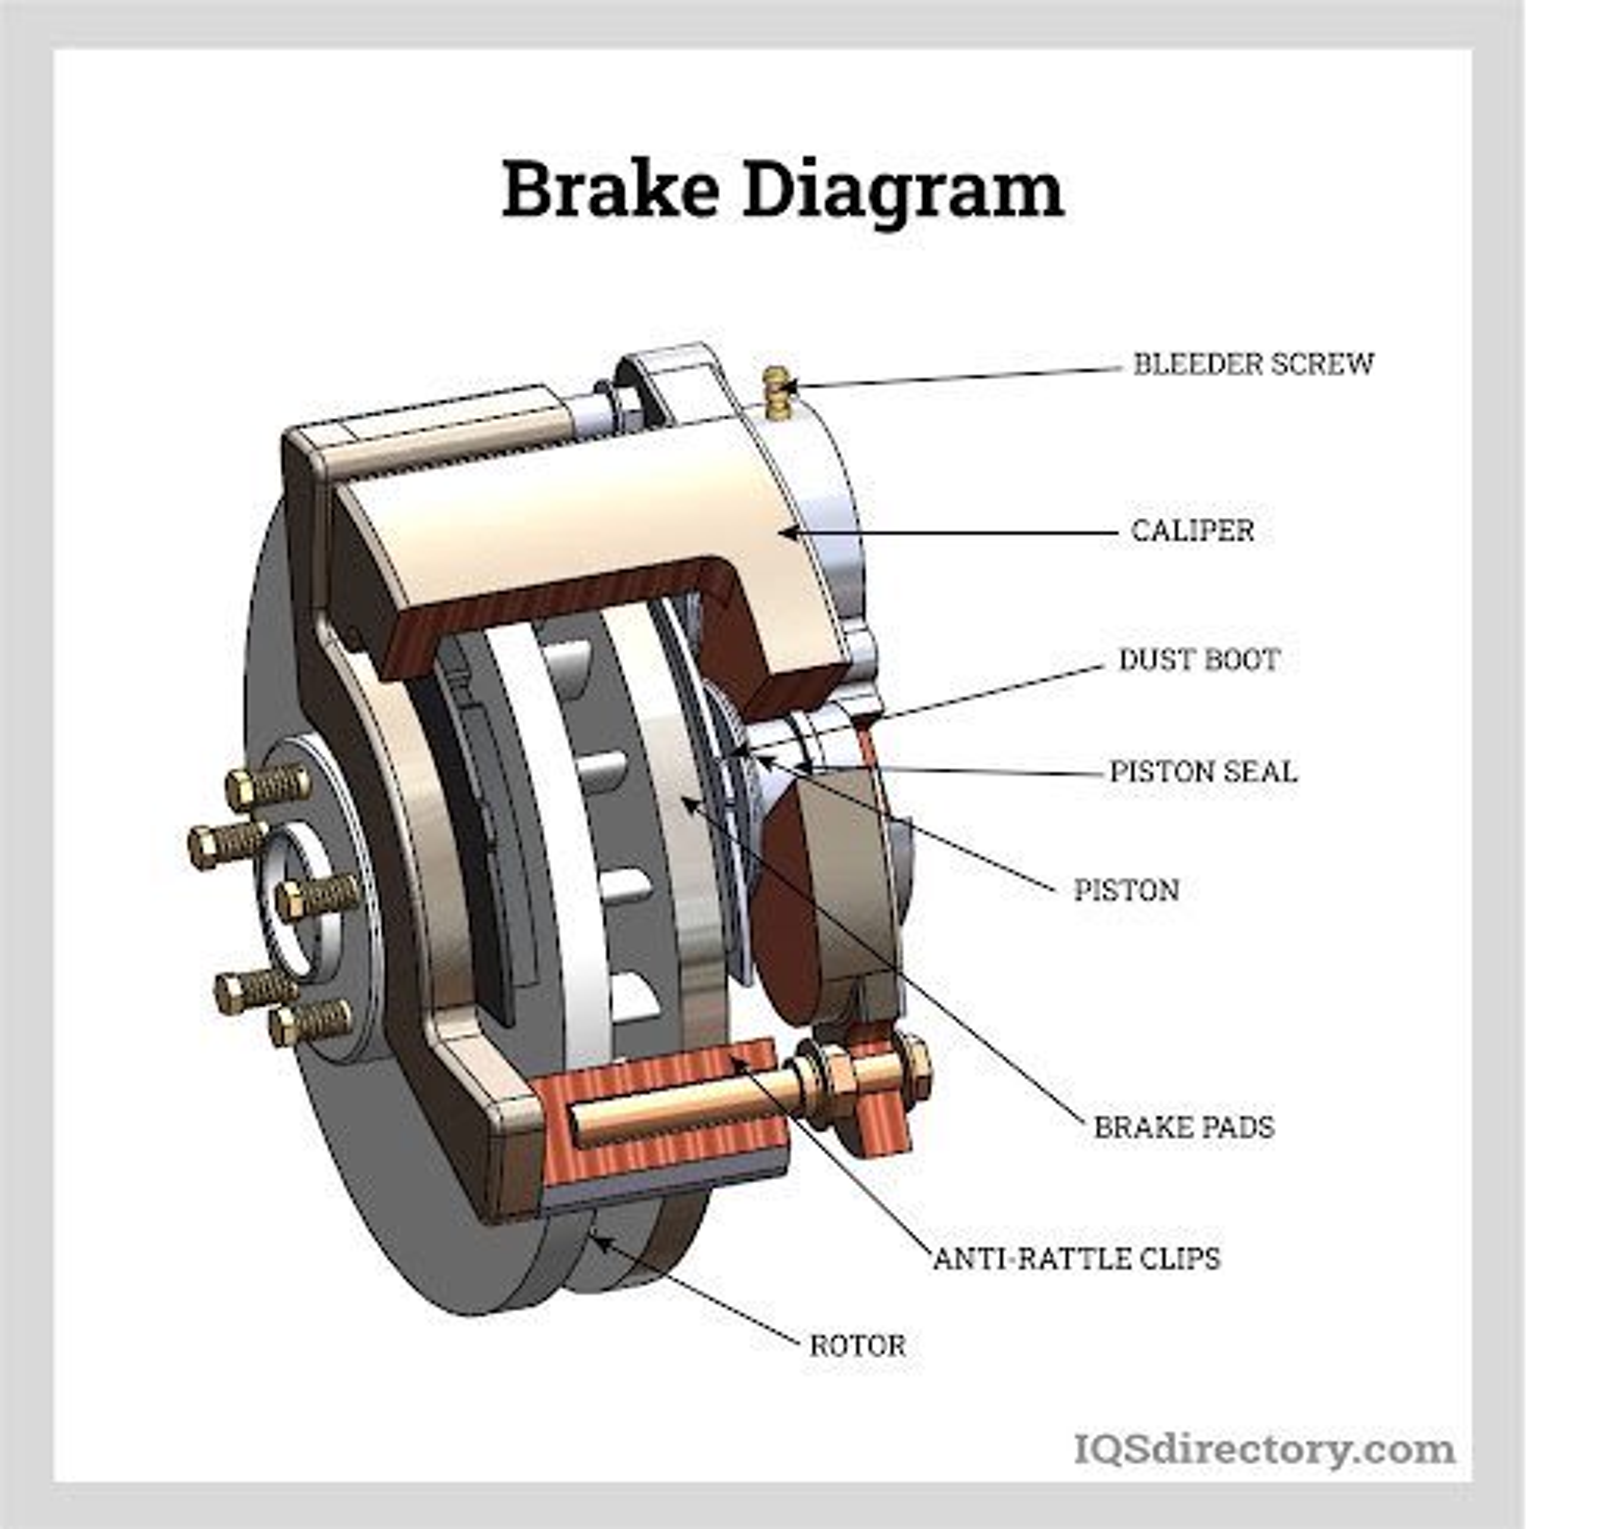 Brake Diagram